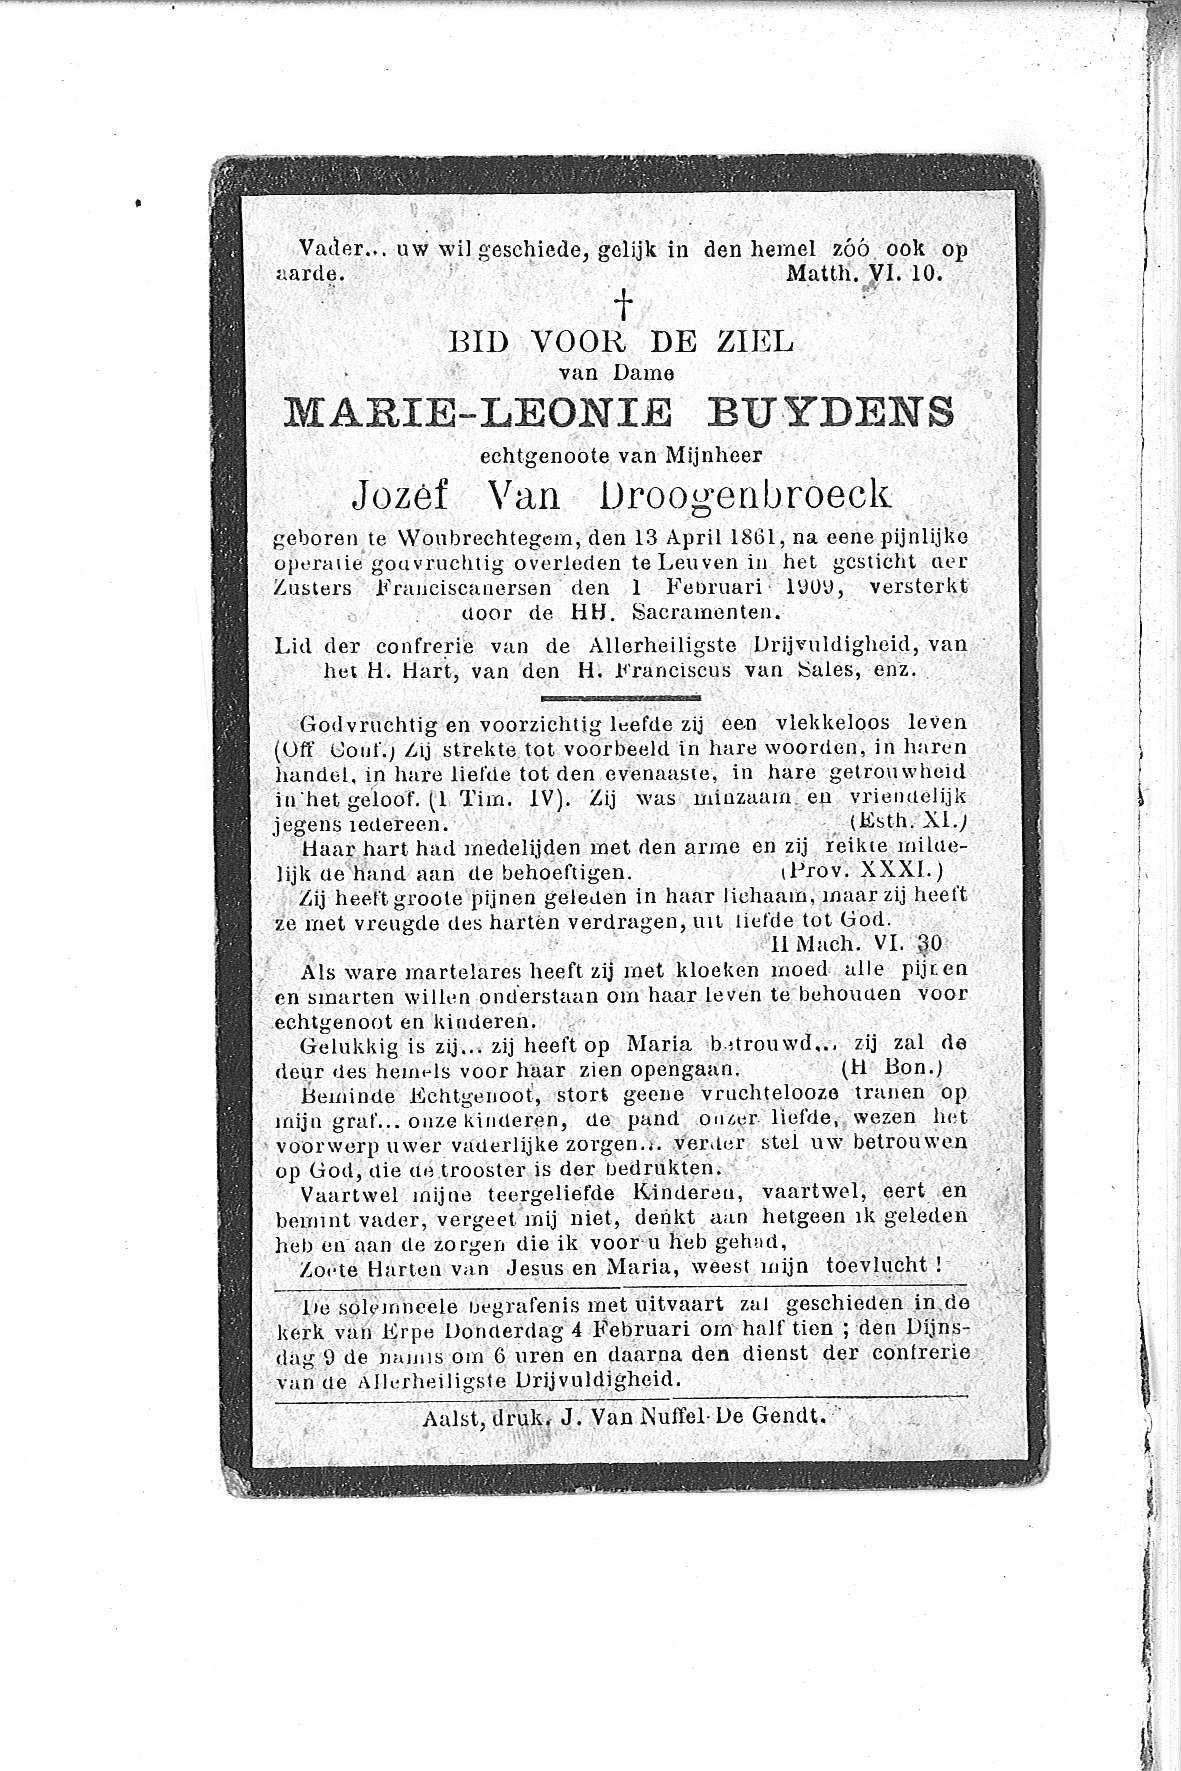 Marie-Leonie (1909) 20110819122144_00072.jpg